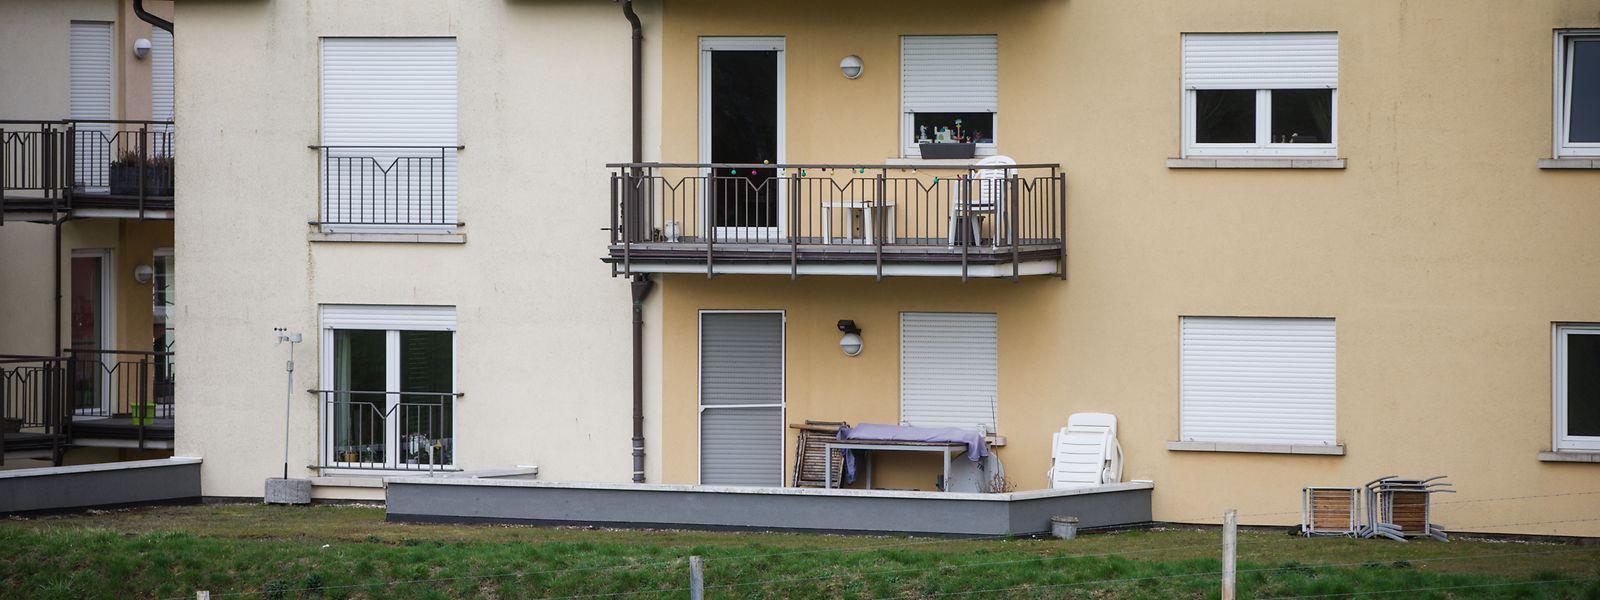 Als die Frau von der Kugel getroffen wurde, befand sie sich mit Freunden auf einer Terrasse dieses Wohnhauses.